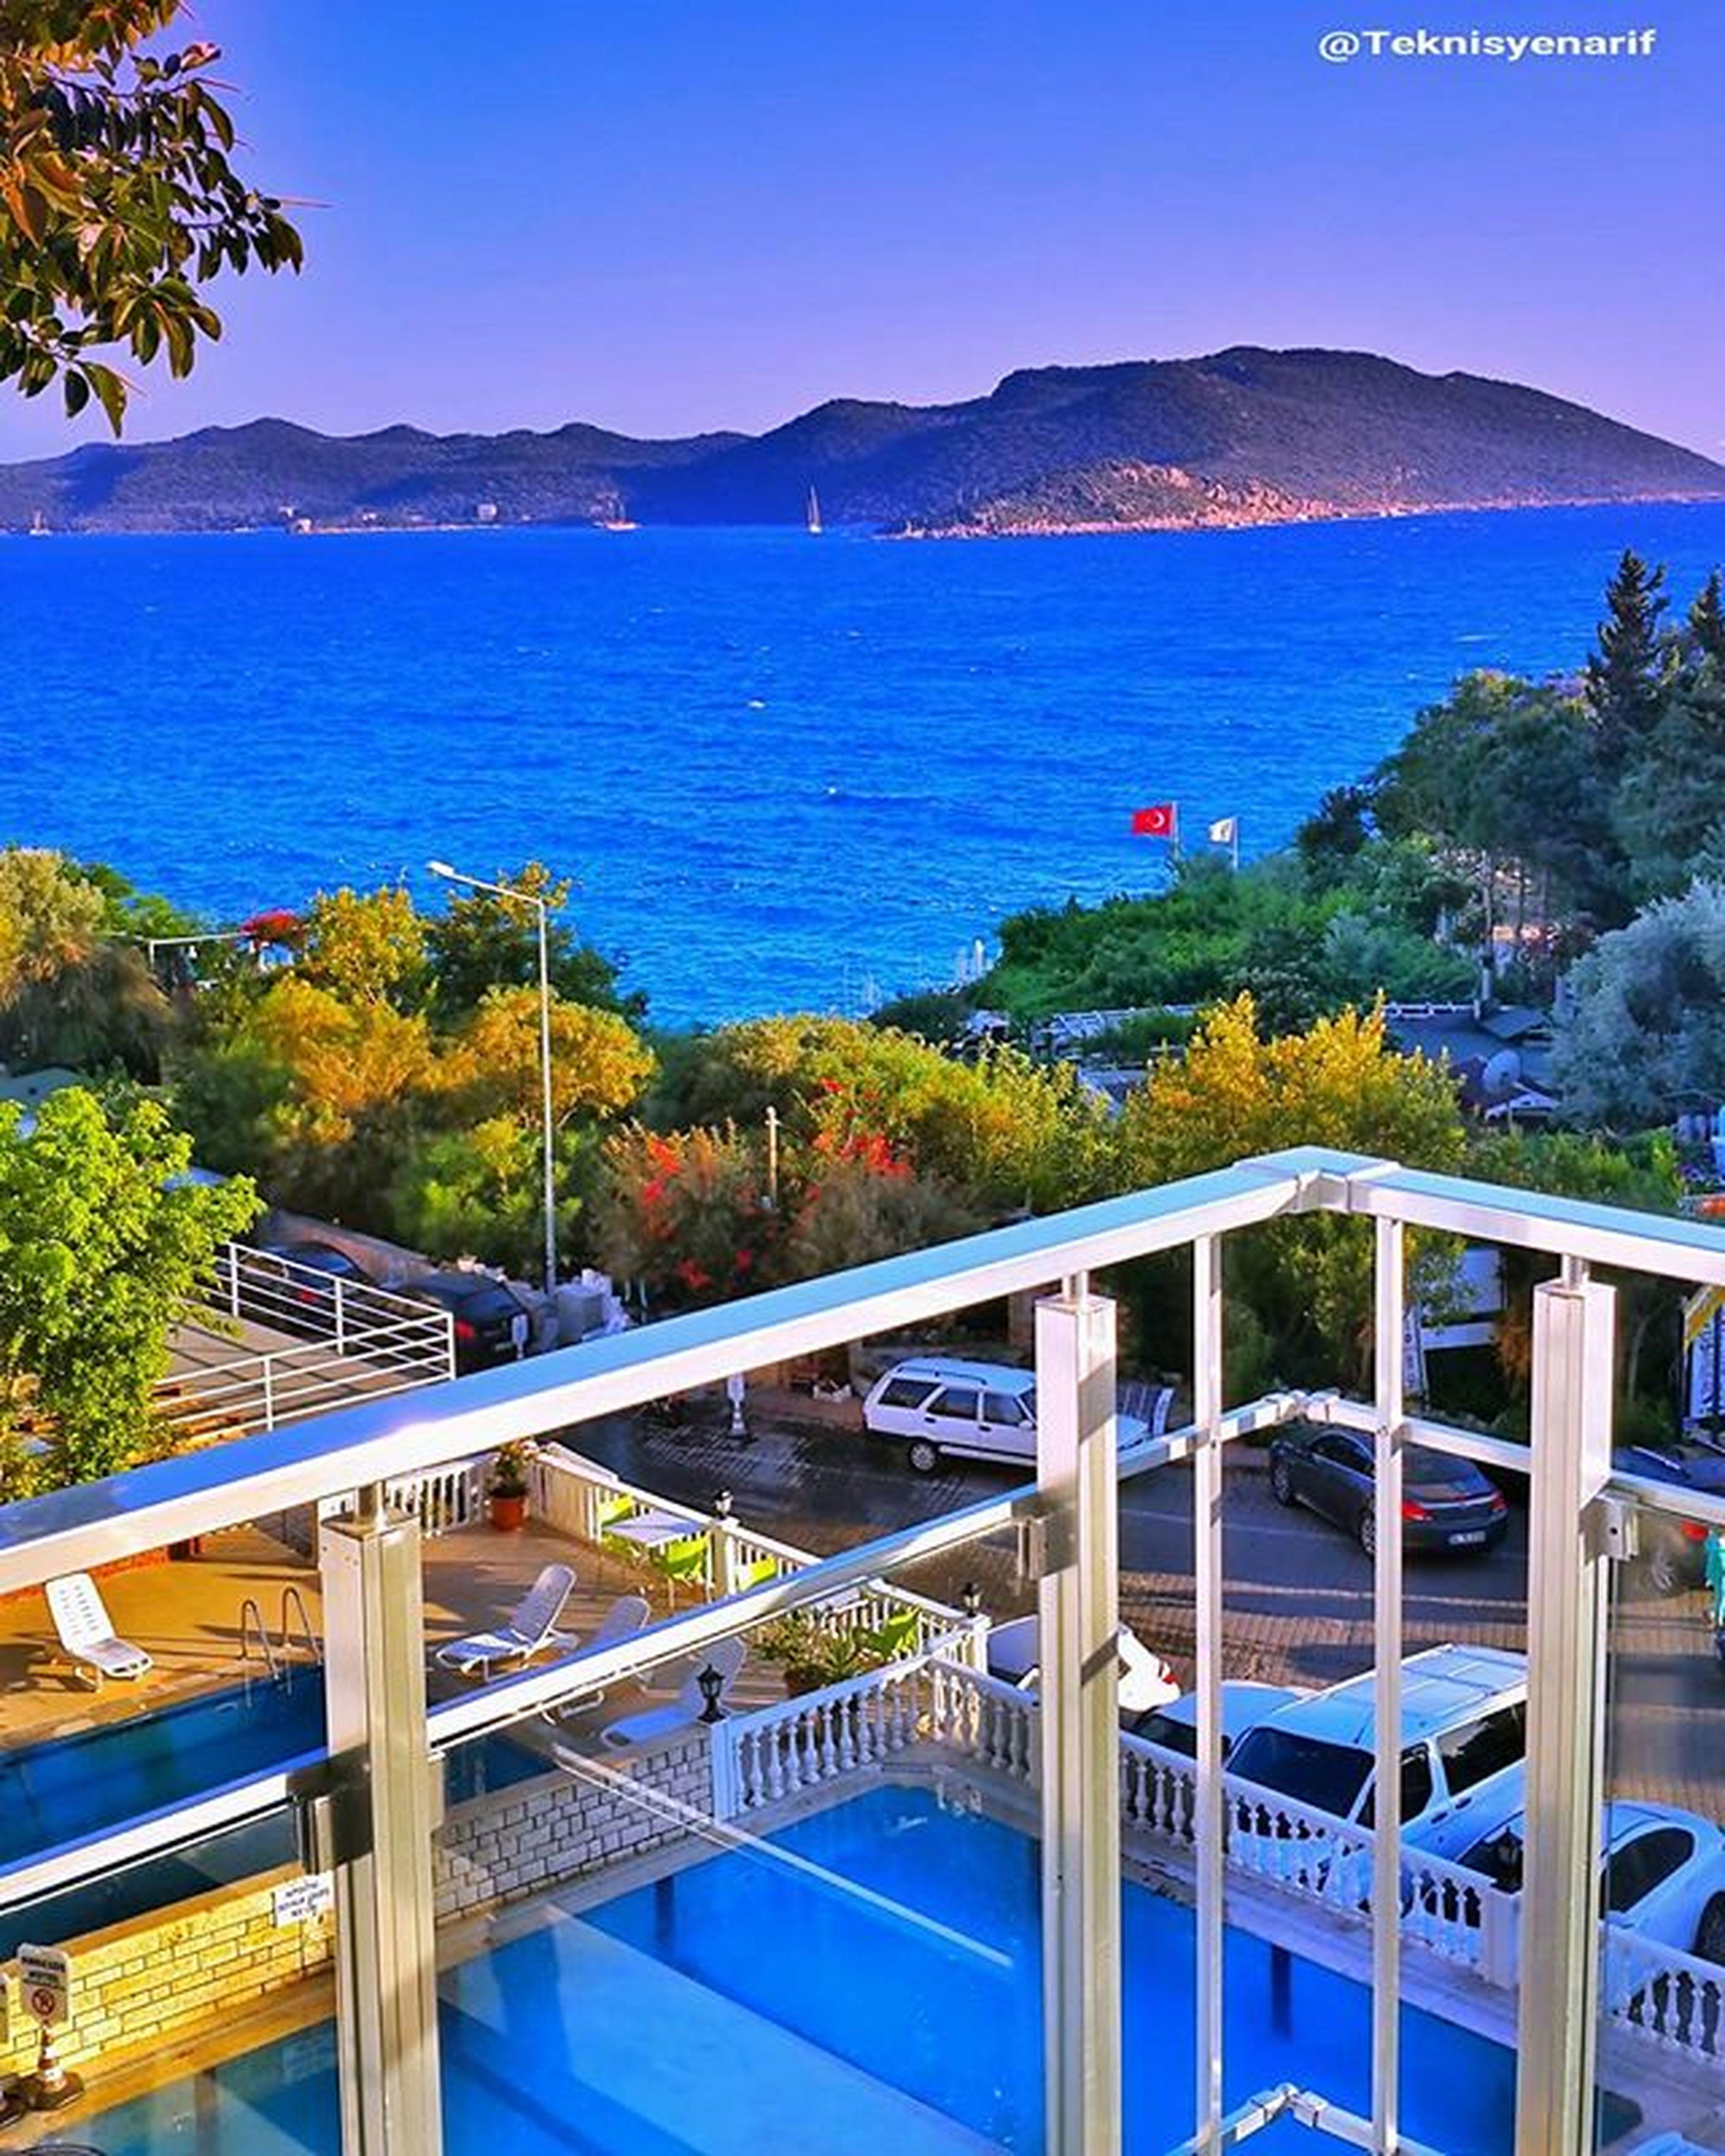 Çok yoruldum, şu balkon keyfi nasıl oluyormuş bi deneyeyim iki dakika 😀😊📷 ⭐My balcony, Habesos hotel kaş antalya turkey 👍 1✏Habesos 2✏Mybalcony 3✏Küçükçakılbeach 4✏ Newsezon2016 5✏Hotel